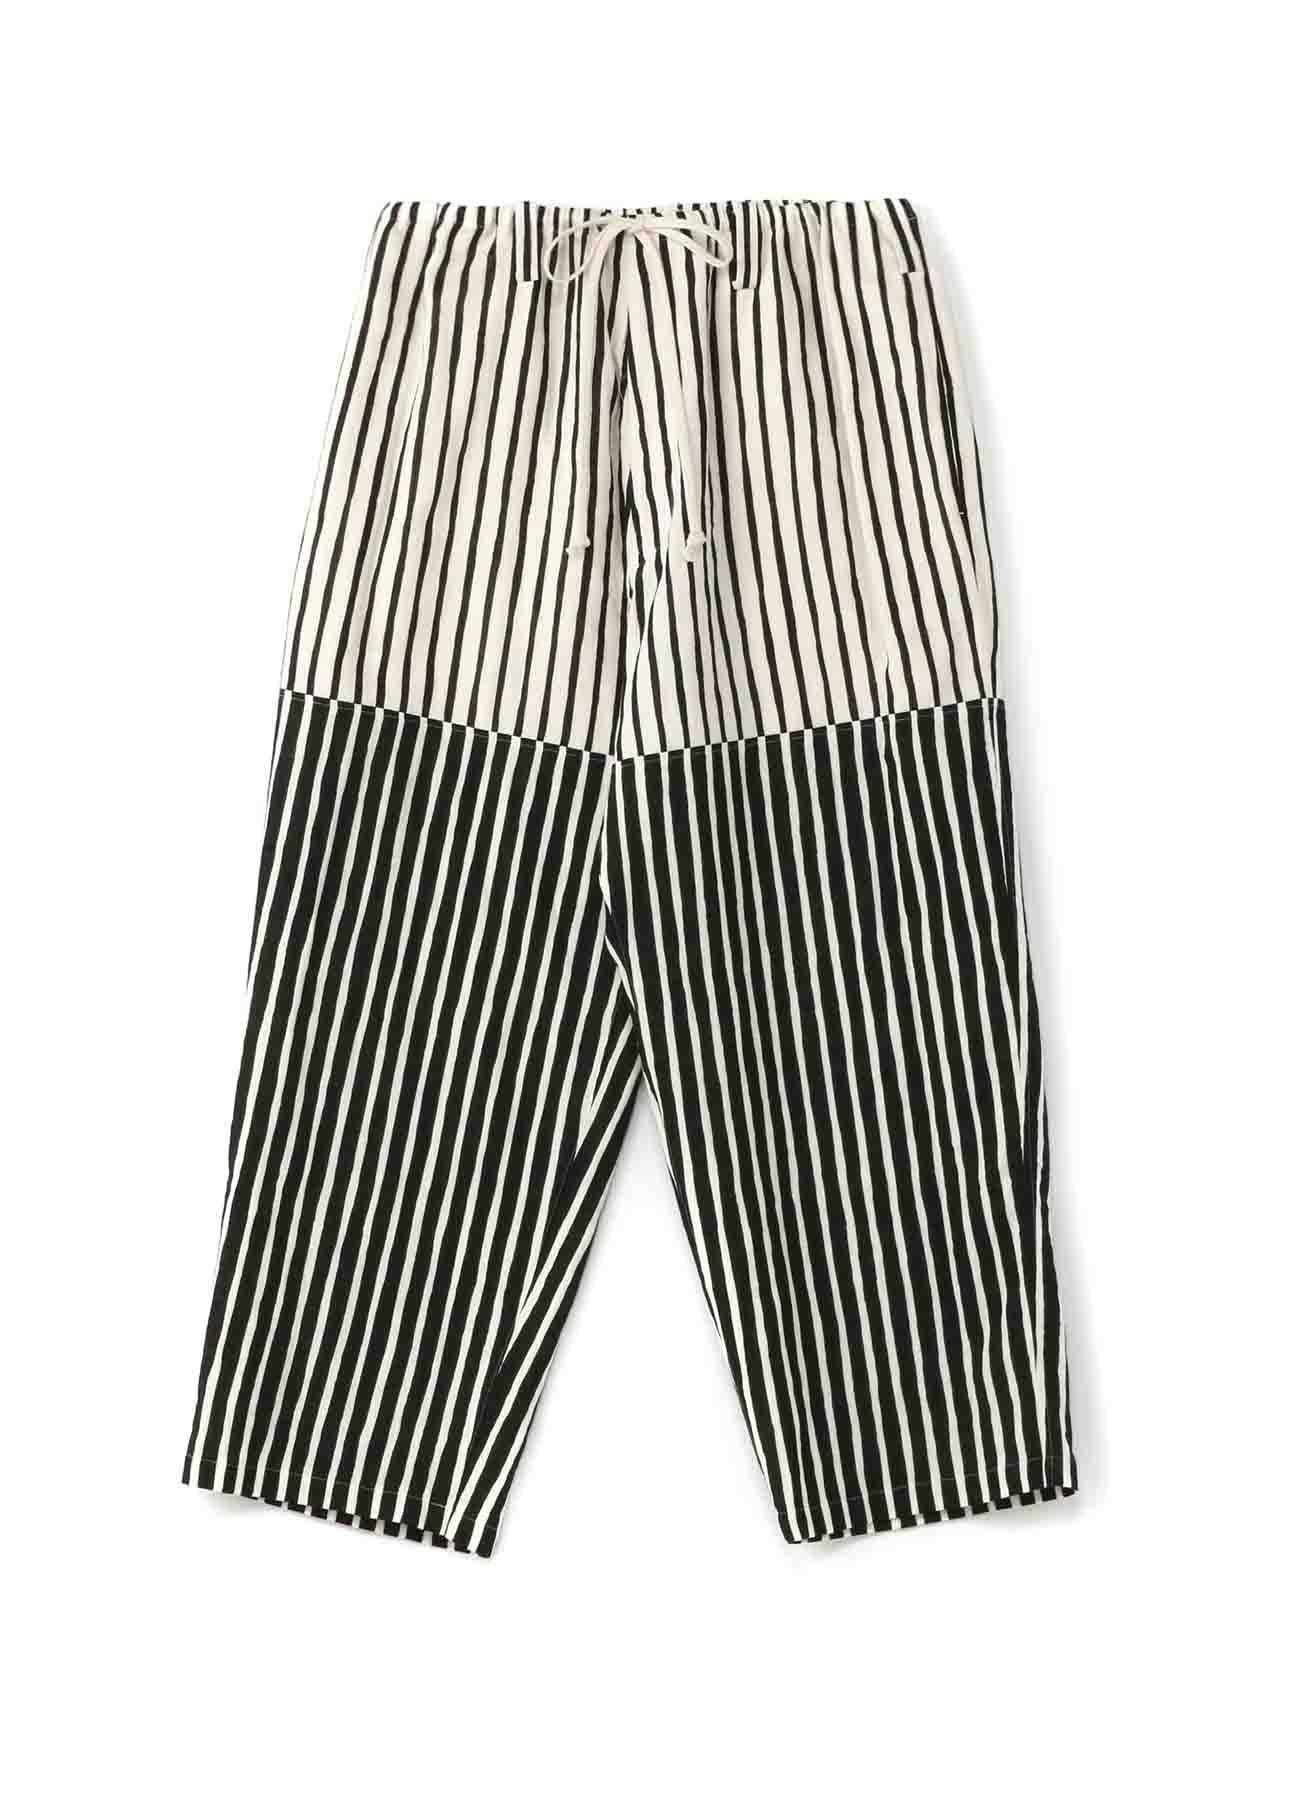 Two-Tone Stripe Panel String Pants